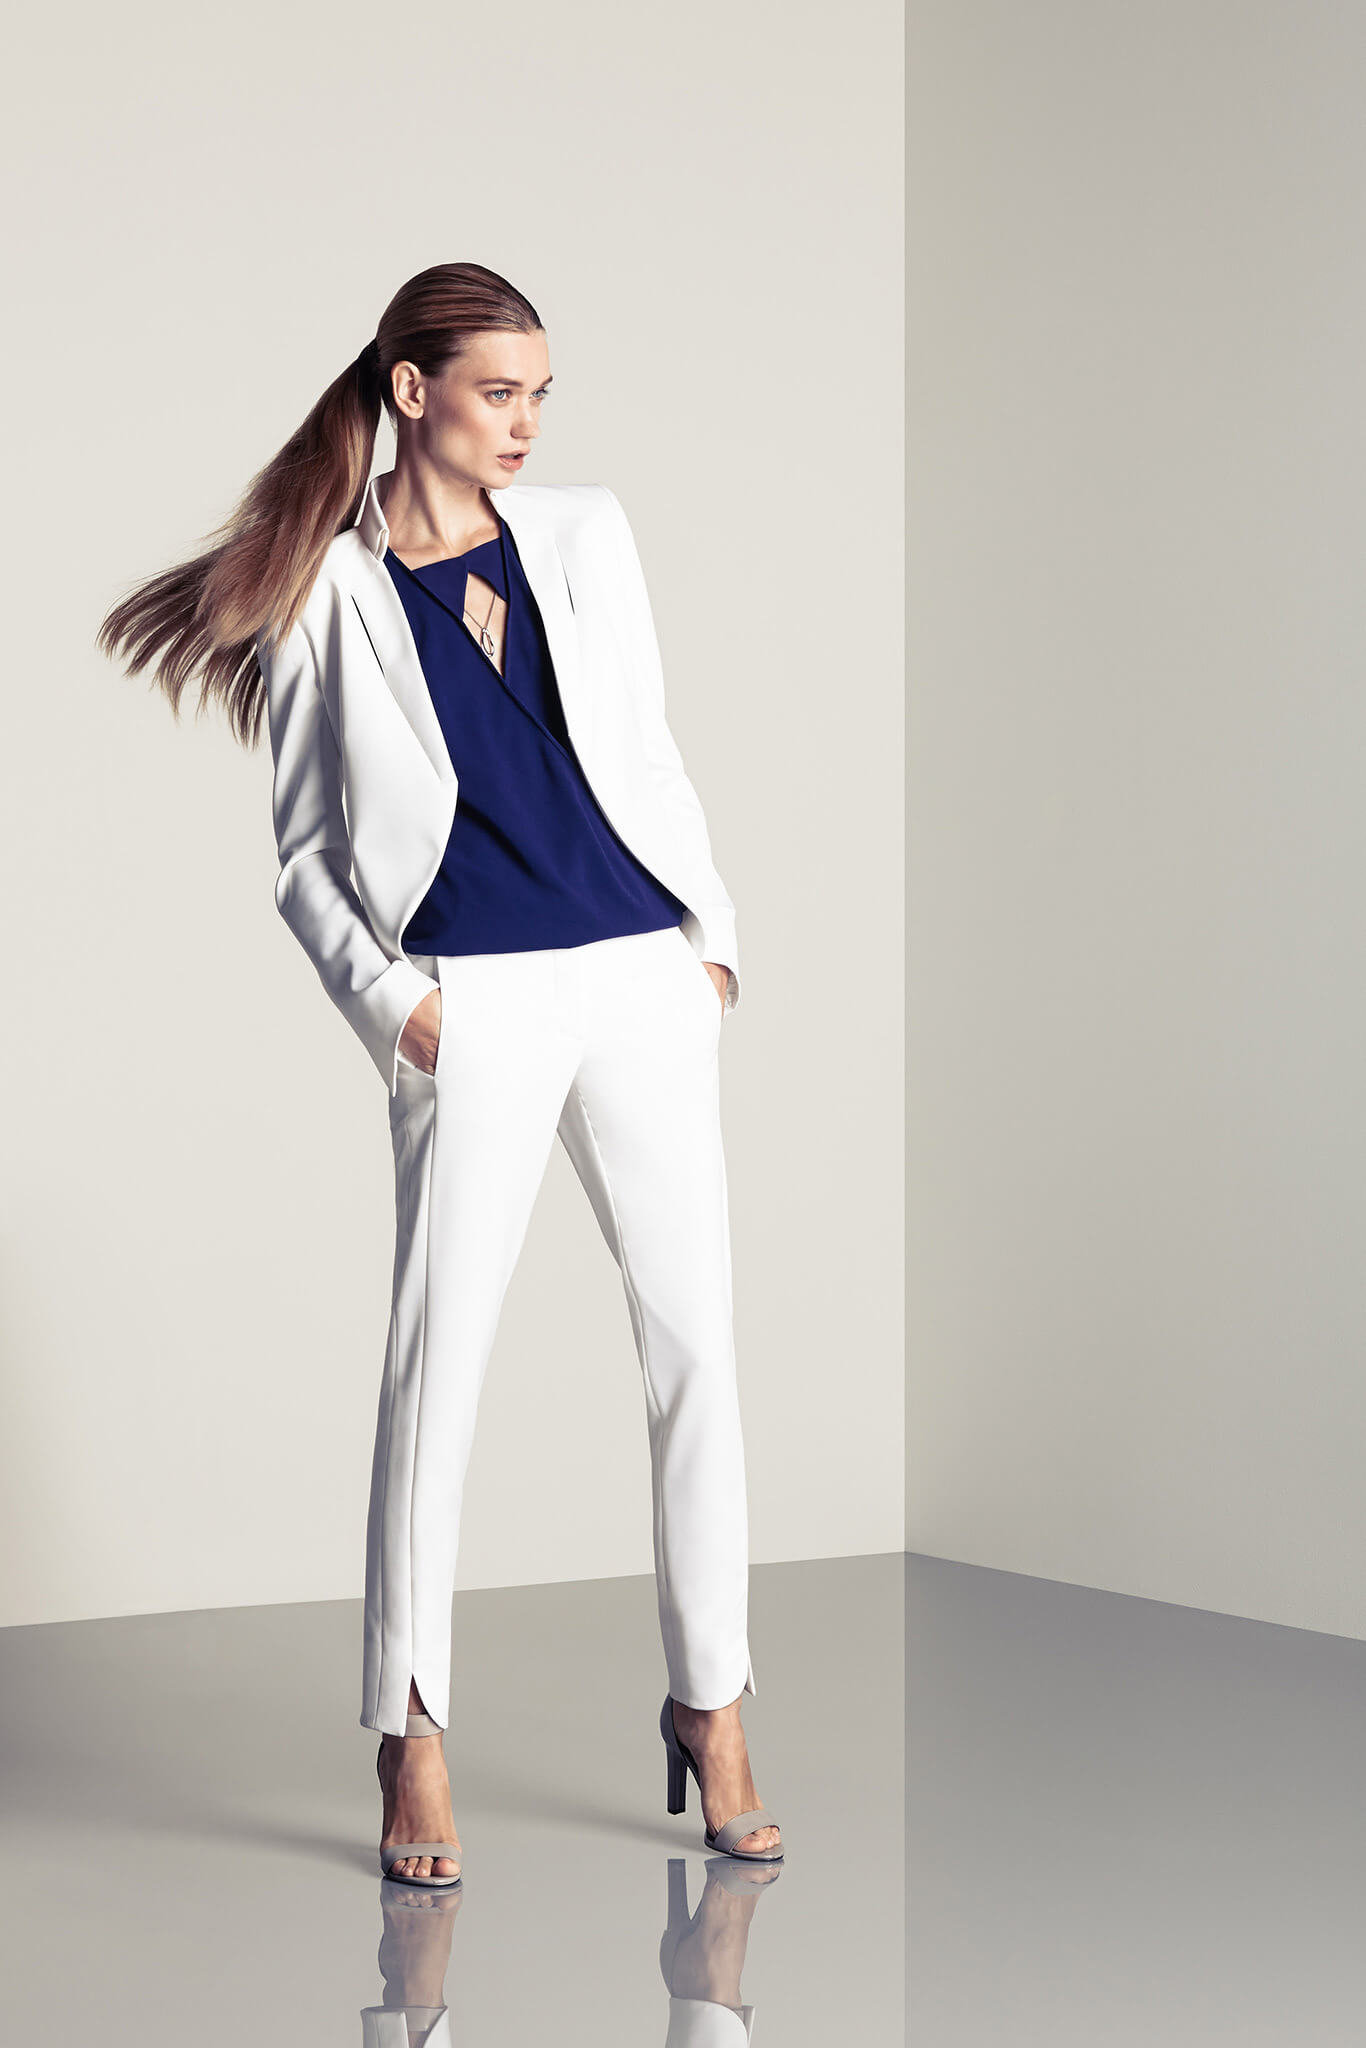 мода 2019-2020 года фото в женской одежде: белый брючный костюм классический